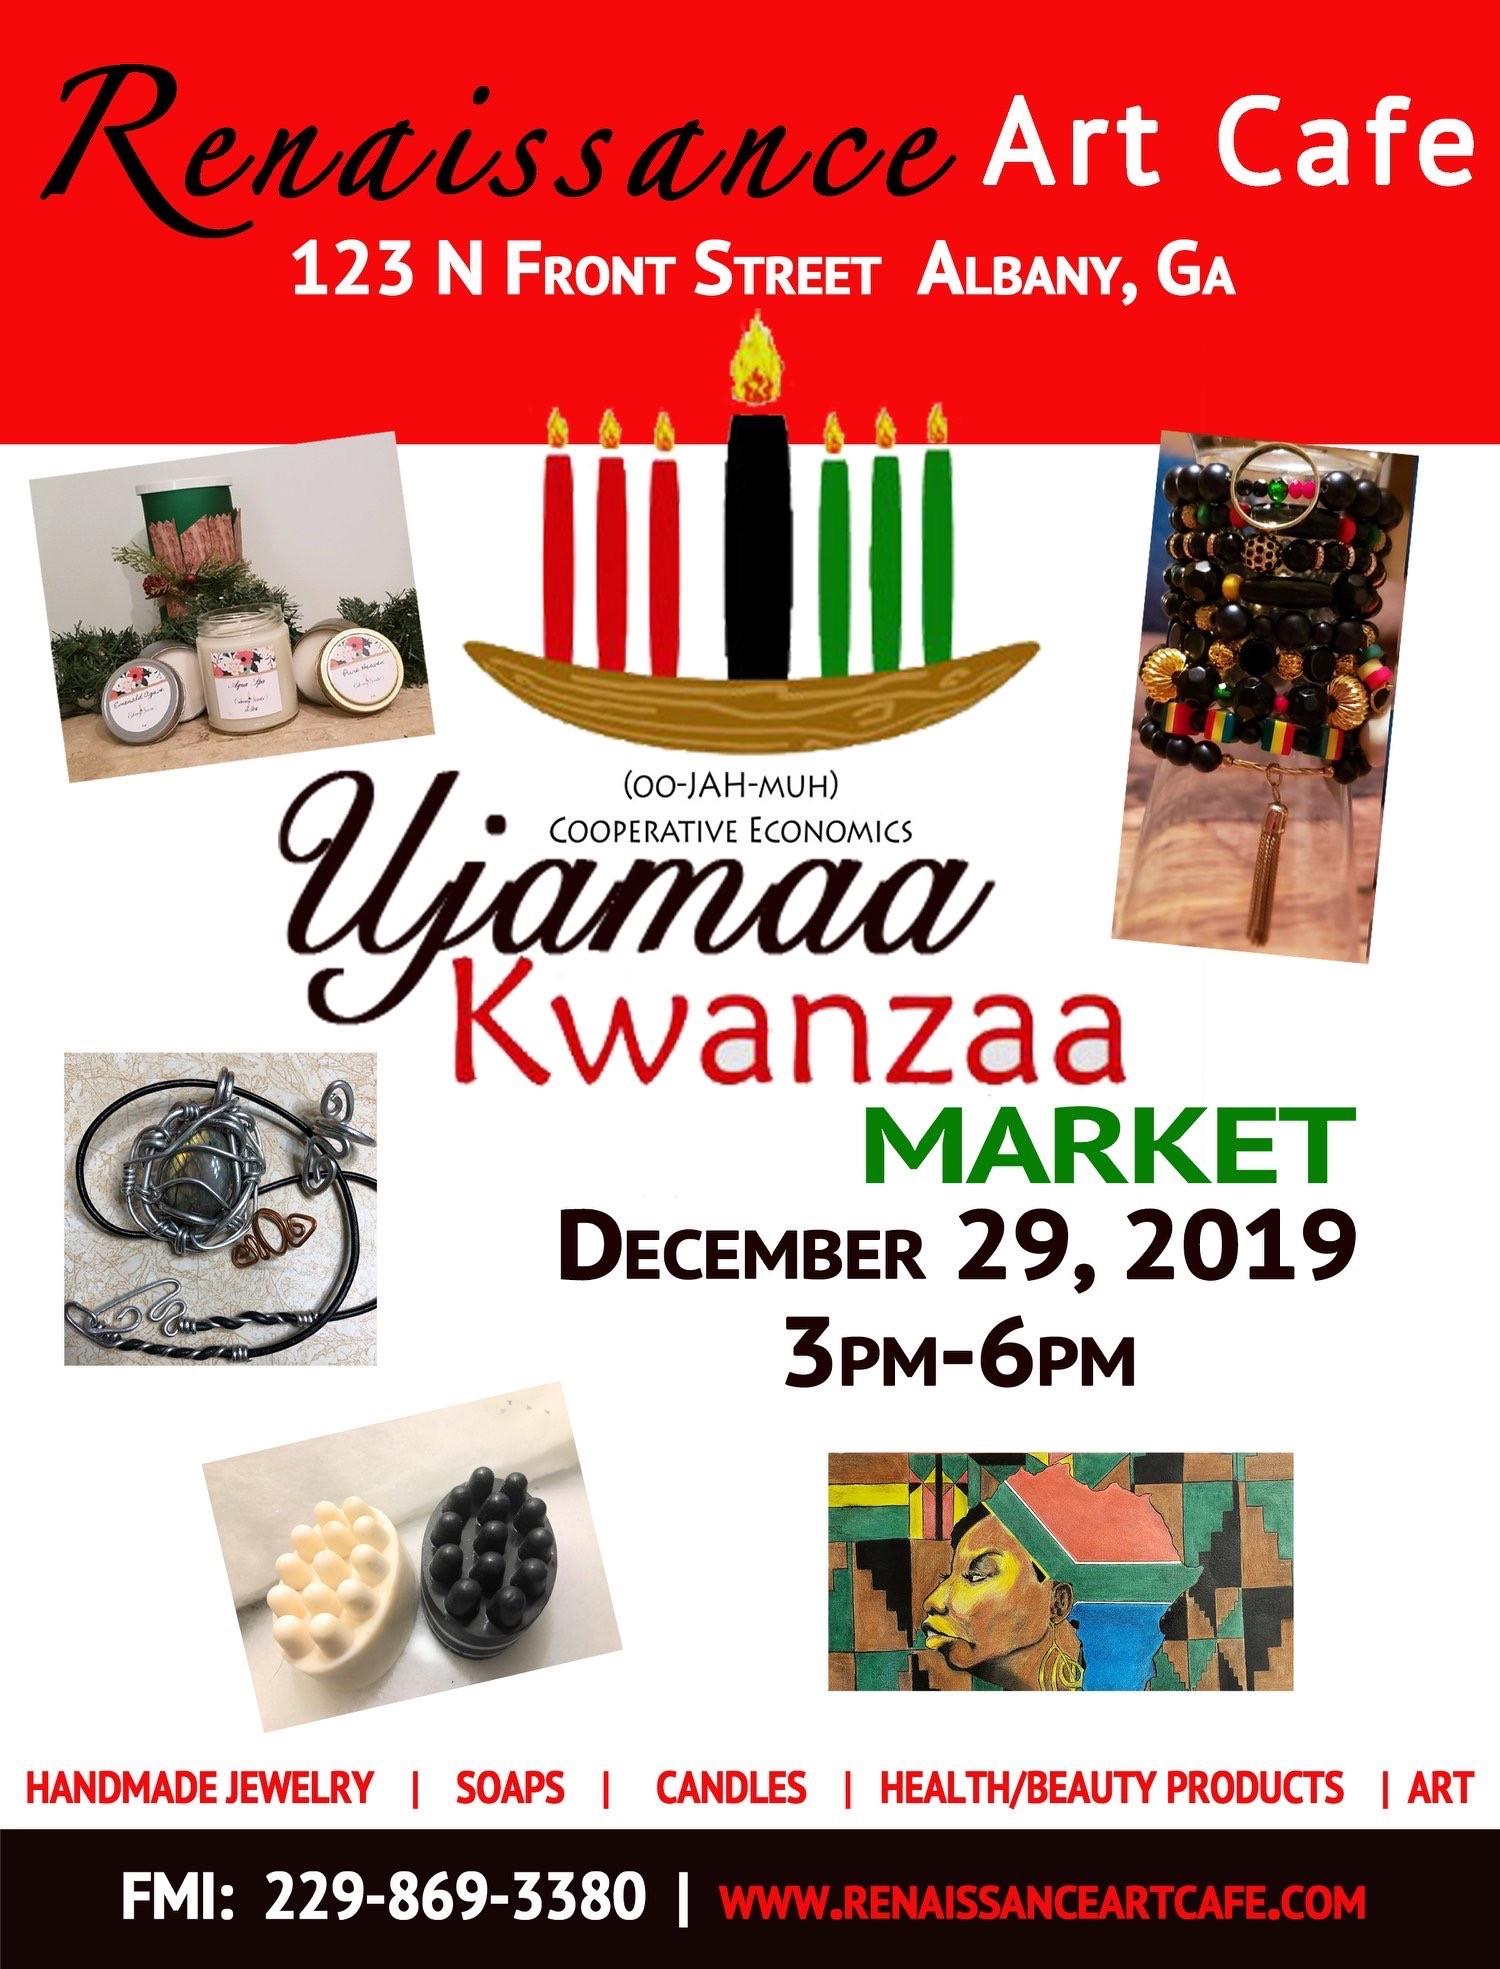 Renaissance Art Cafe's Ujamaa Kwanzaa Market!